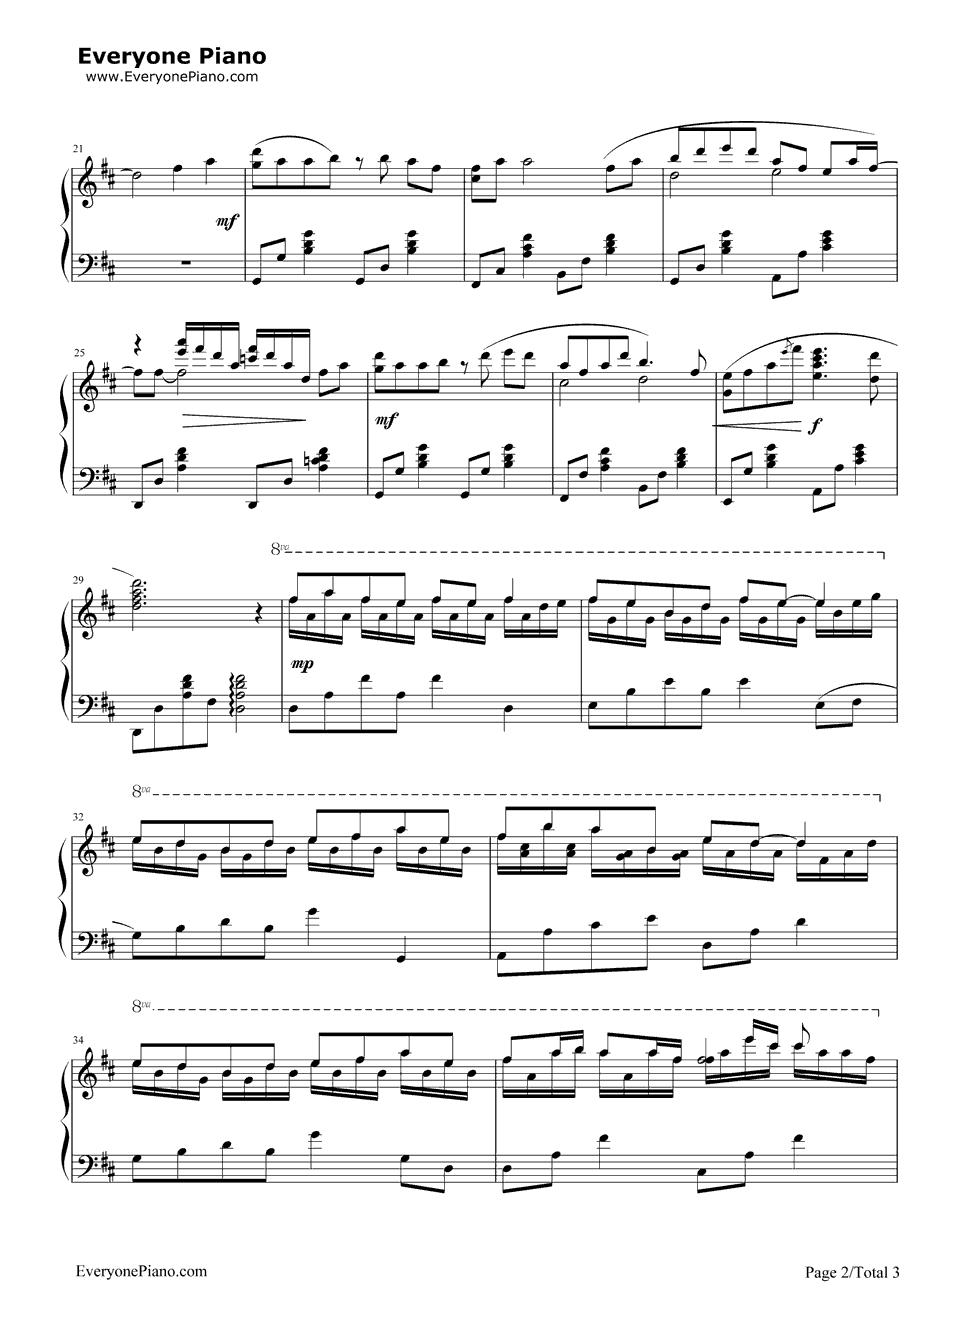 钢琴曲谱 流行 北京欢迎你 北京欢迎你五线谱预览2  }  仅供学习交流